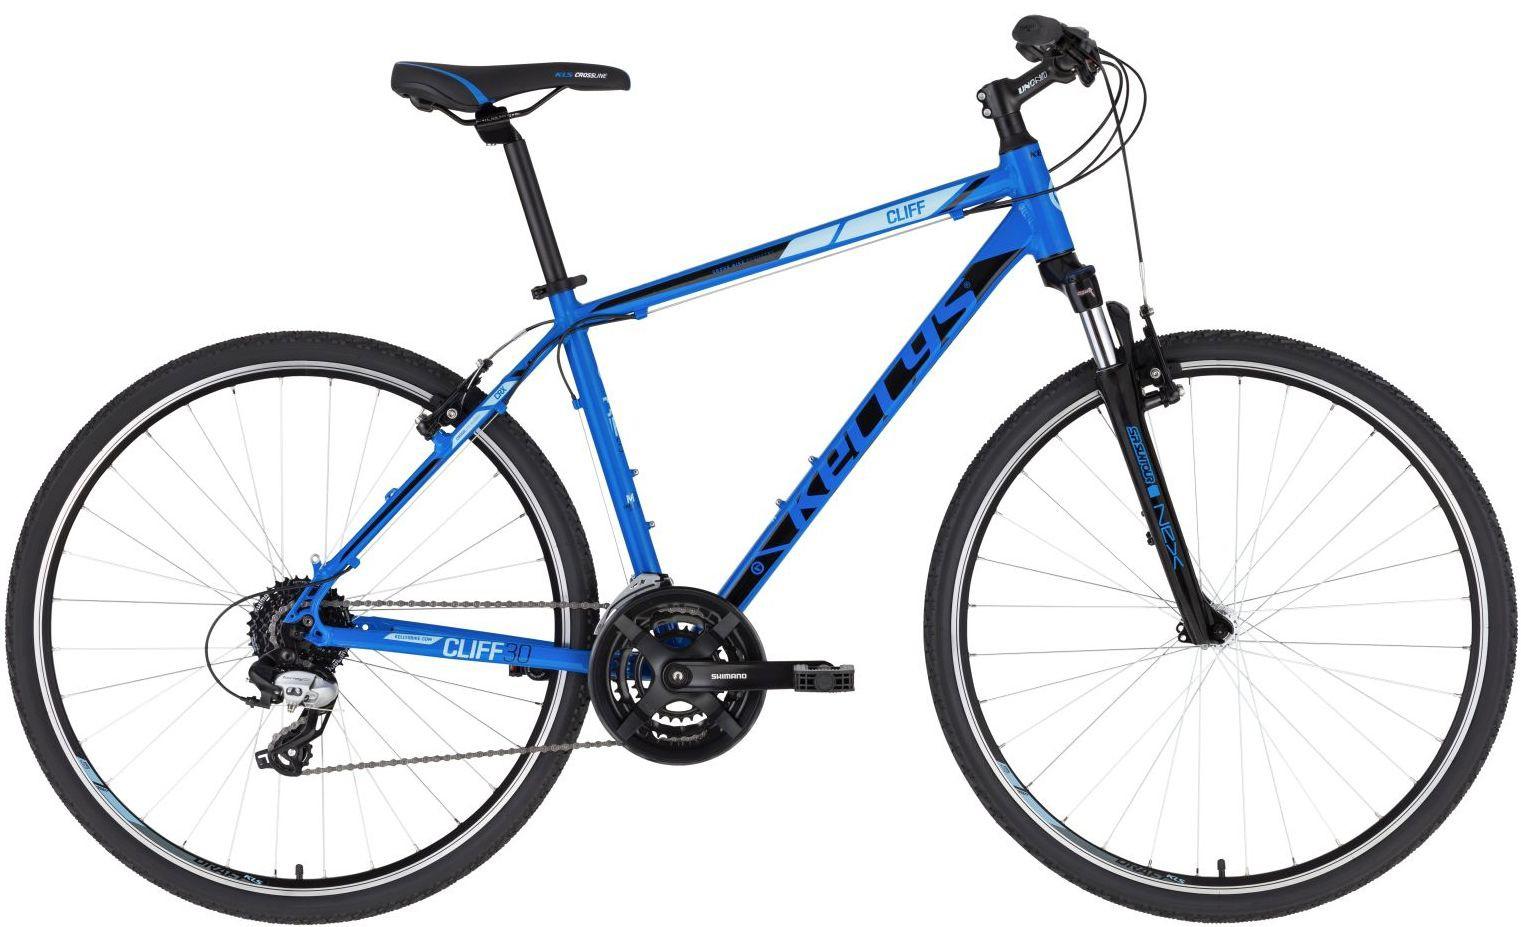 Rower KELLYS Cliff 30 Blue L męski 2020r.